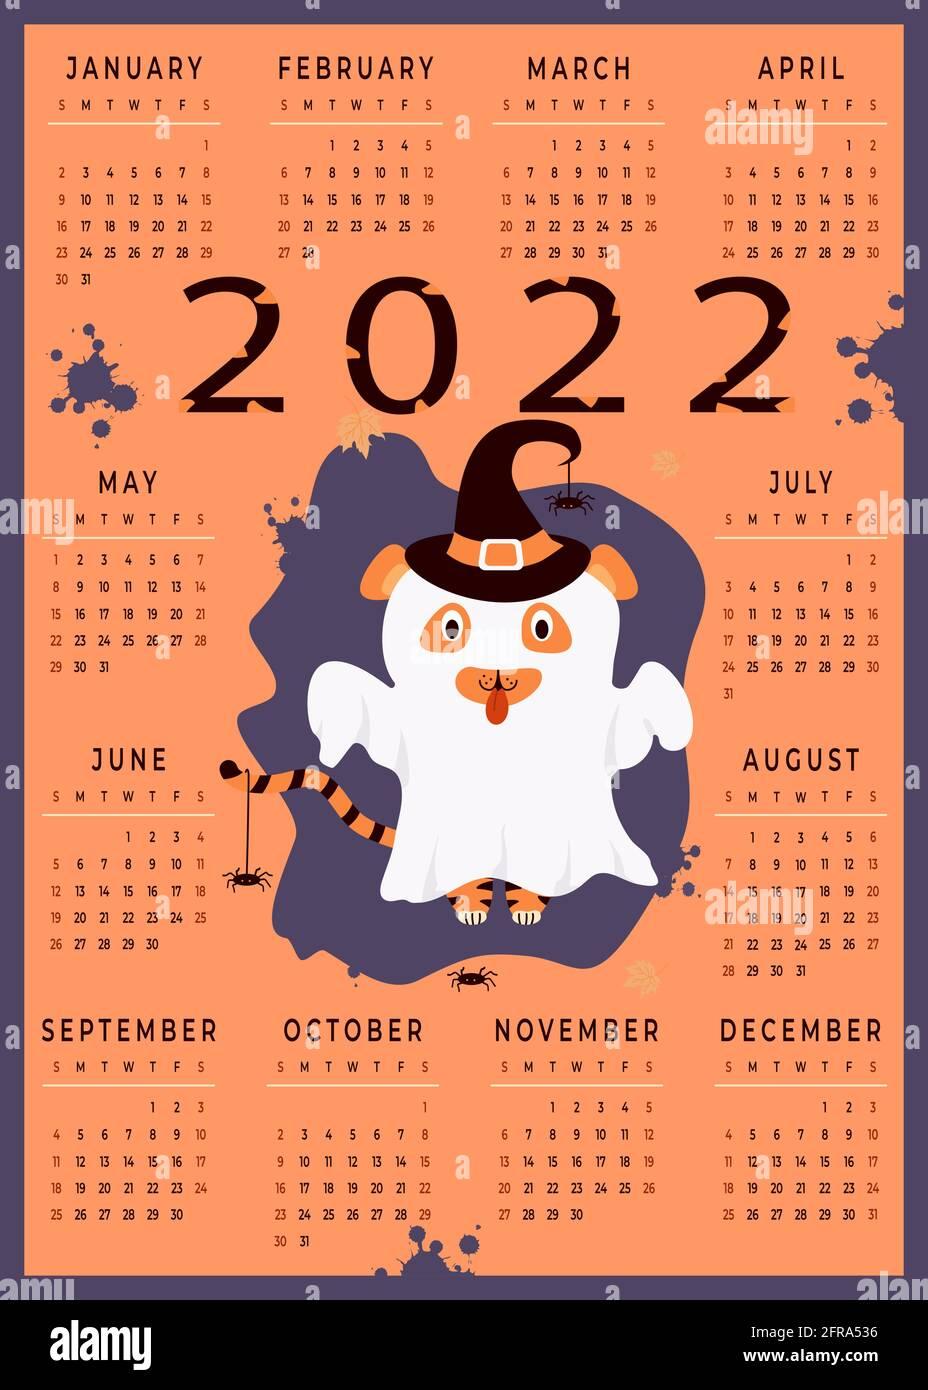 Witches Calendar 2022.Pfgl9dfhhyyrym